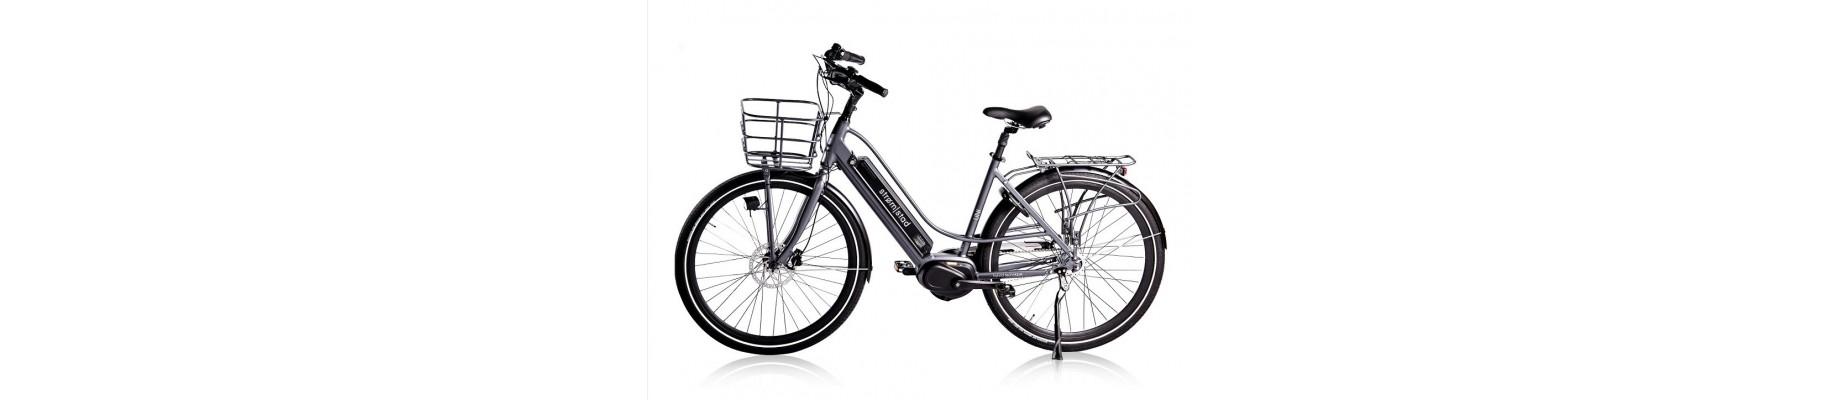 Unisex elcykel